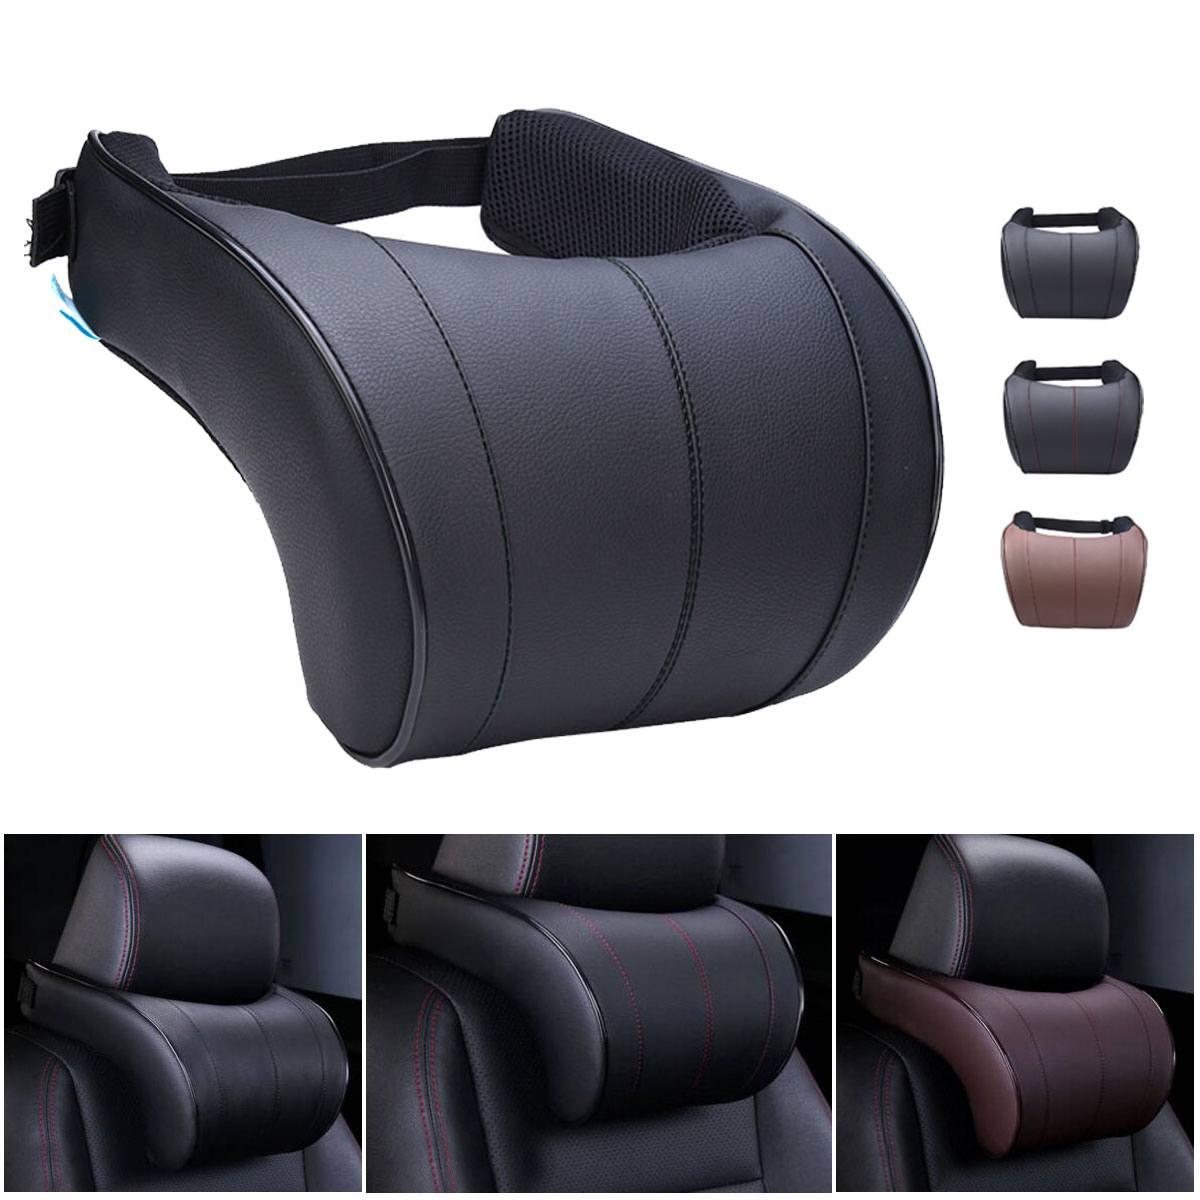 Искусственная кожа авто подушка для шеи пены памяти наполнение шеи Отдых подголовник подушка для автомобиля гаджет авто аксессуары